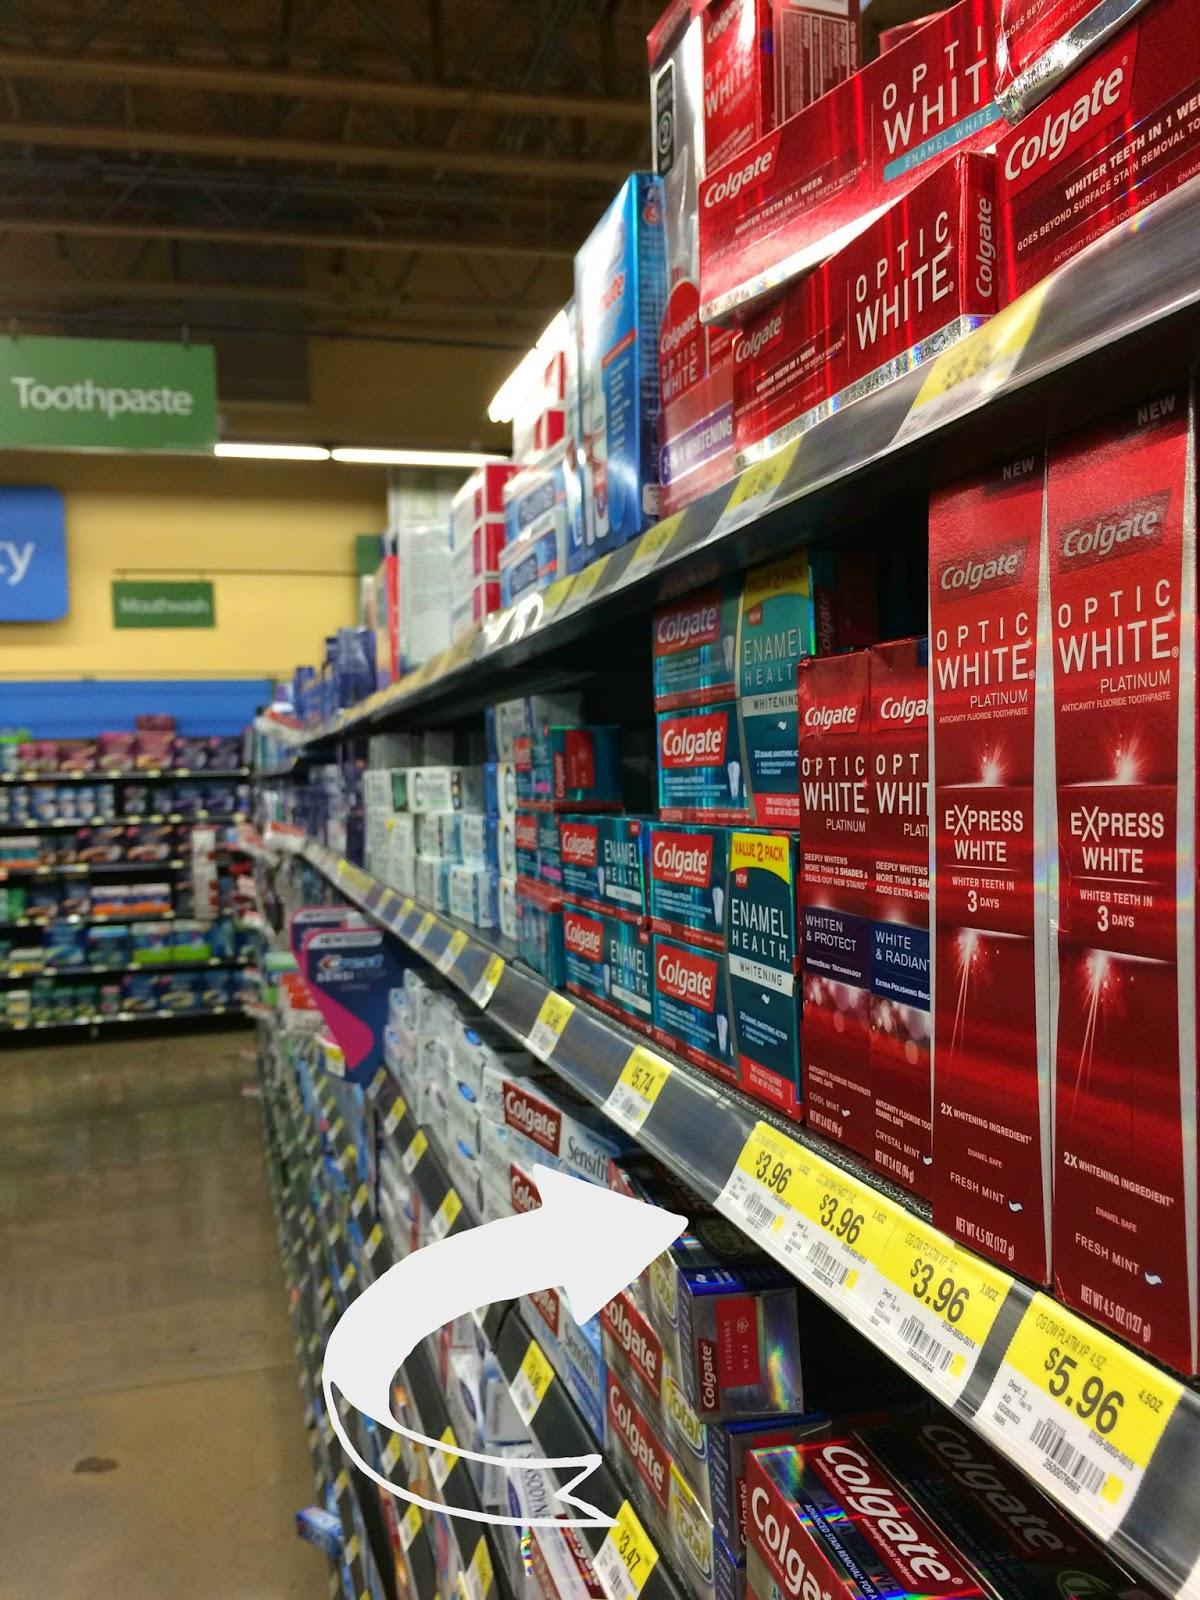 Colgate Express White Toothpaste